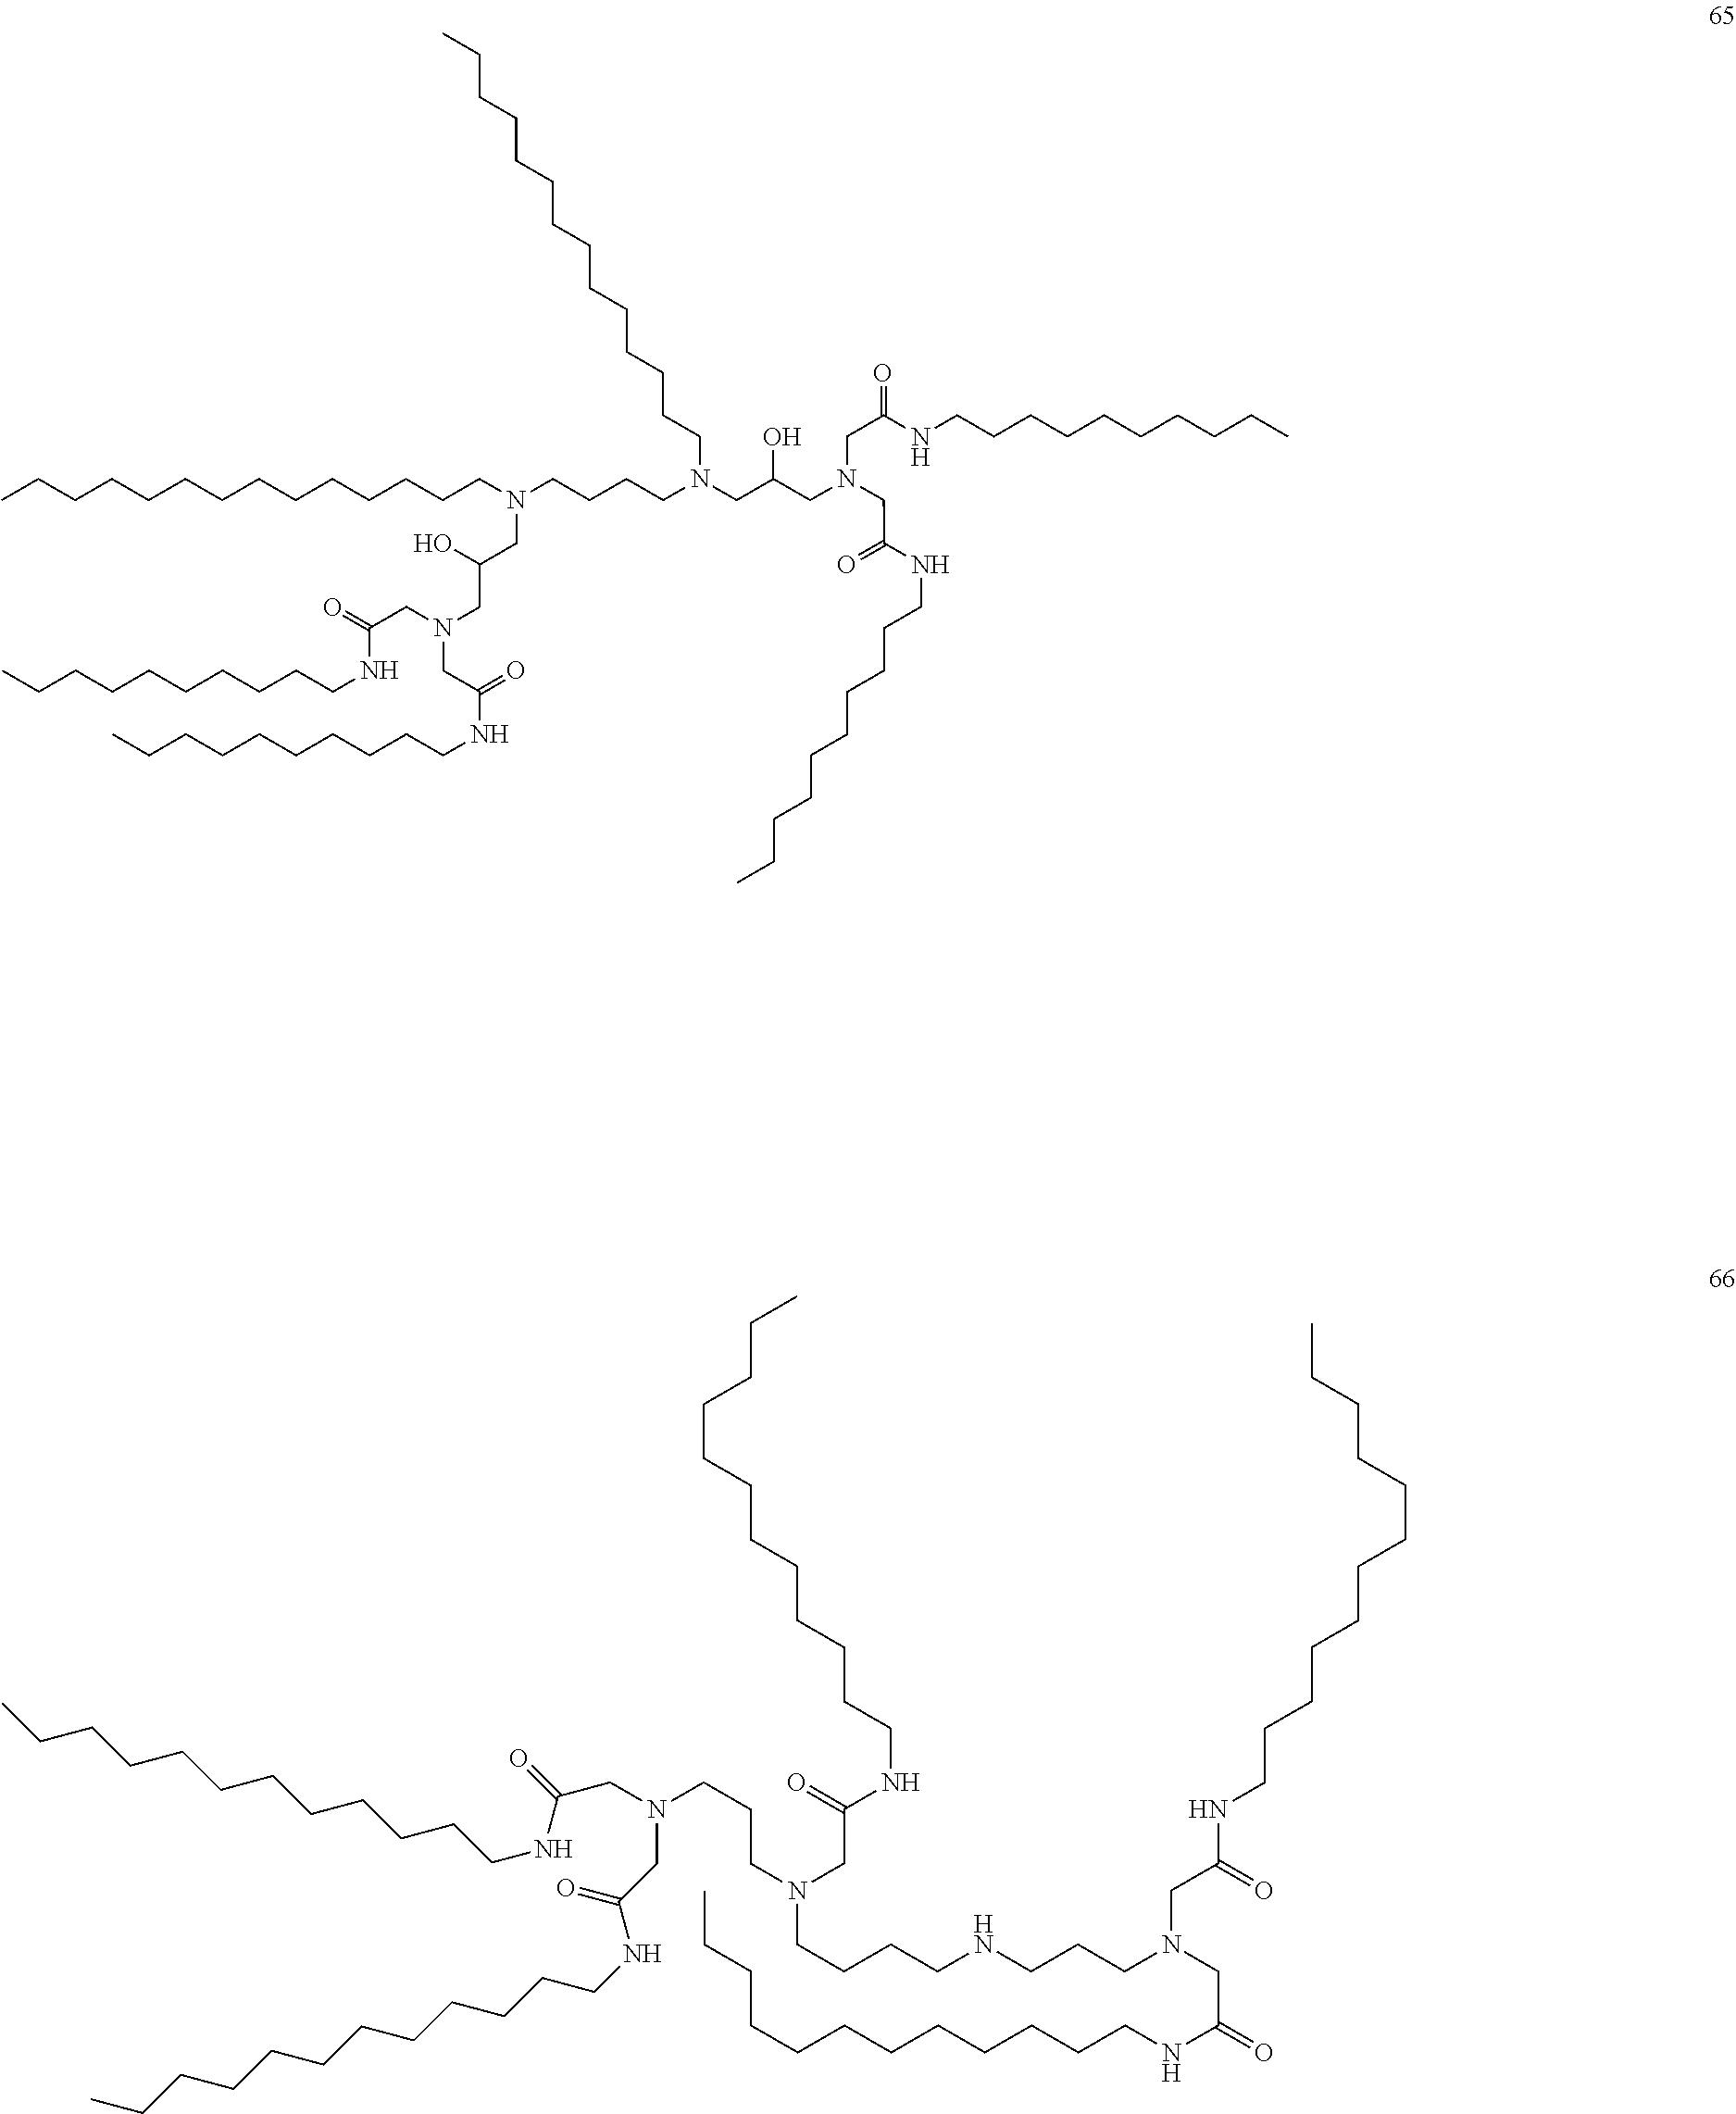 Figure US09901642-20180227-C00037